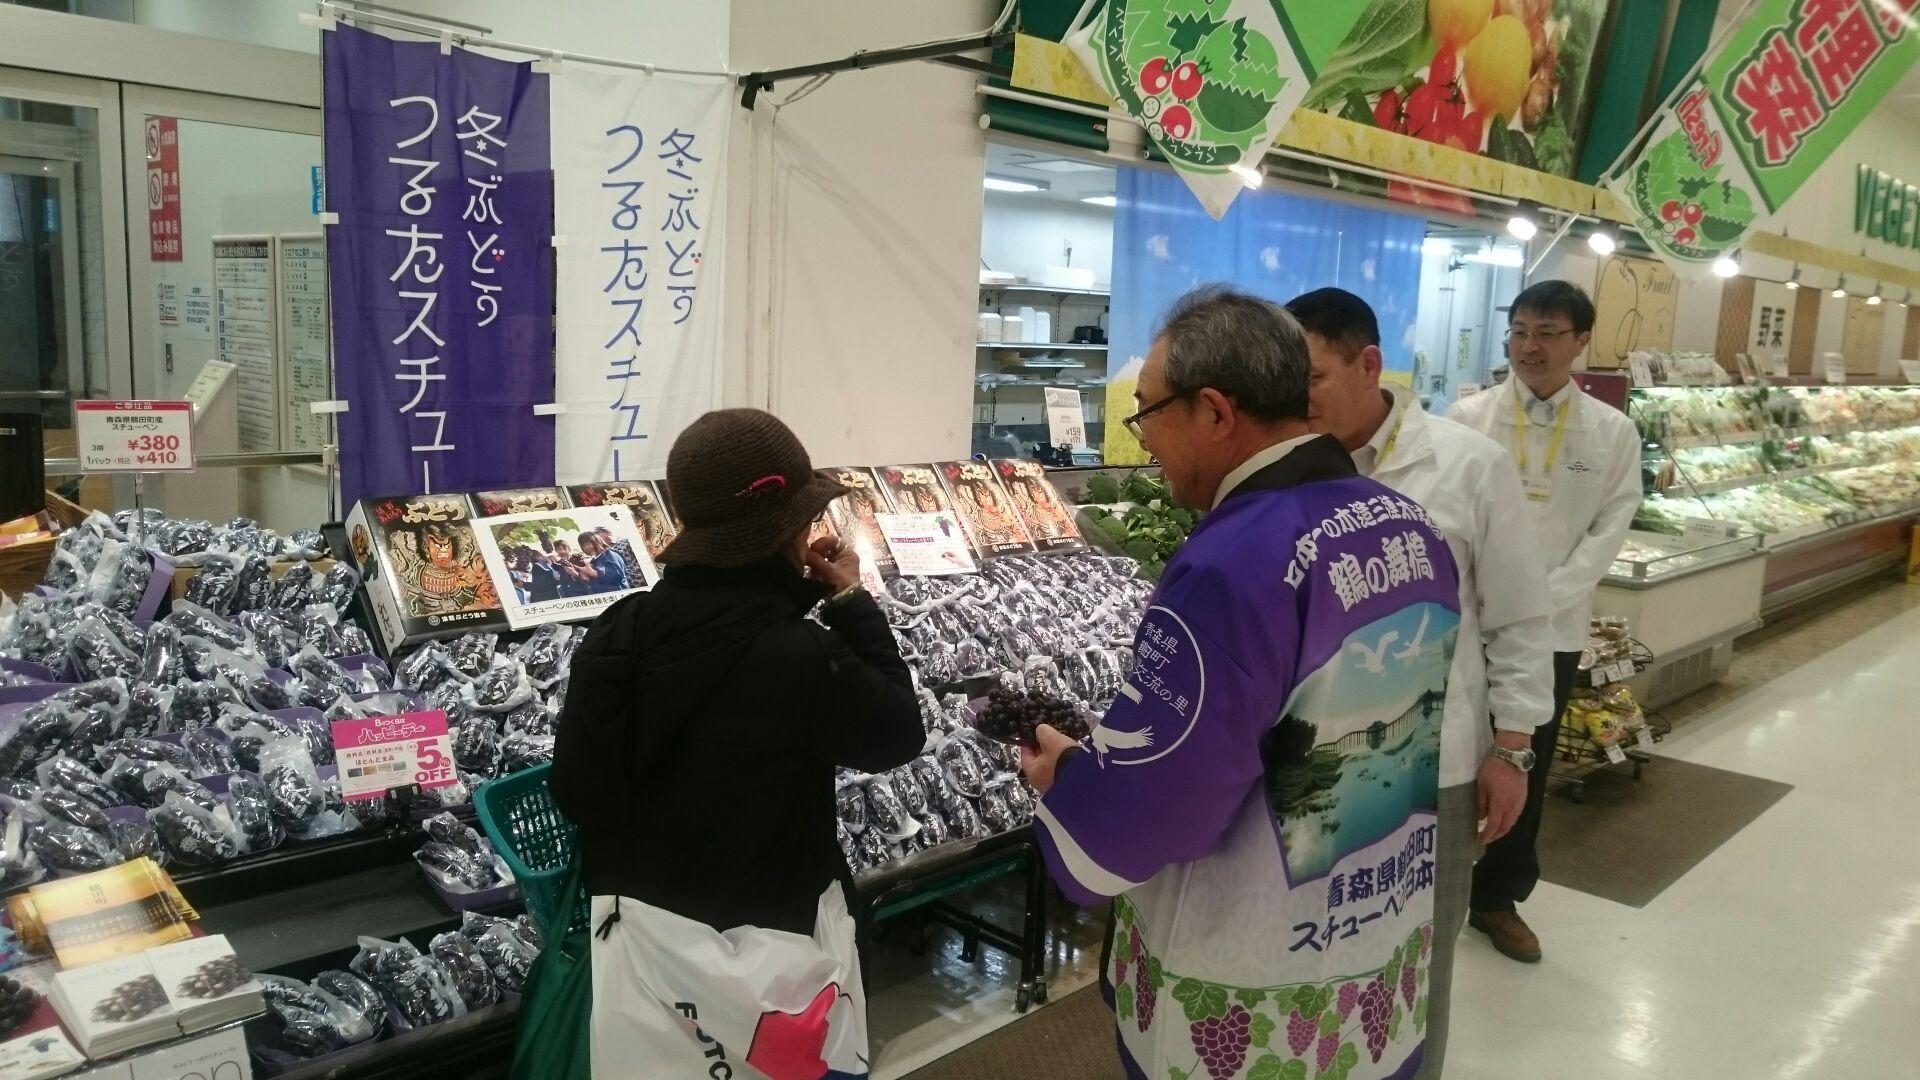 スチューベン_イトーヨーカドー大森店